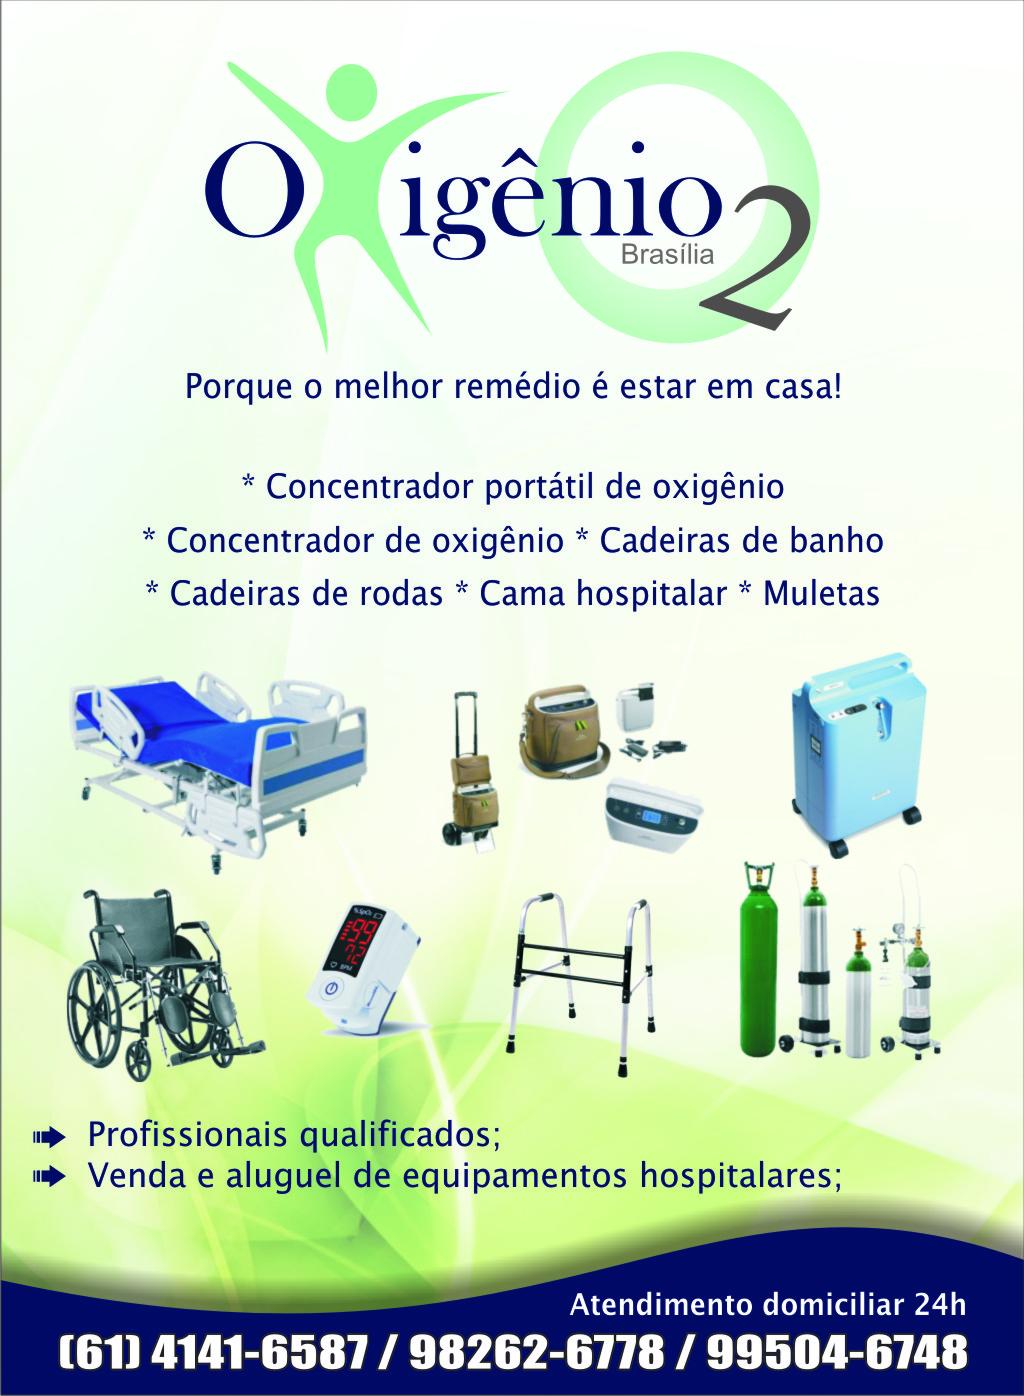 Oxigênio para casa - 61-4